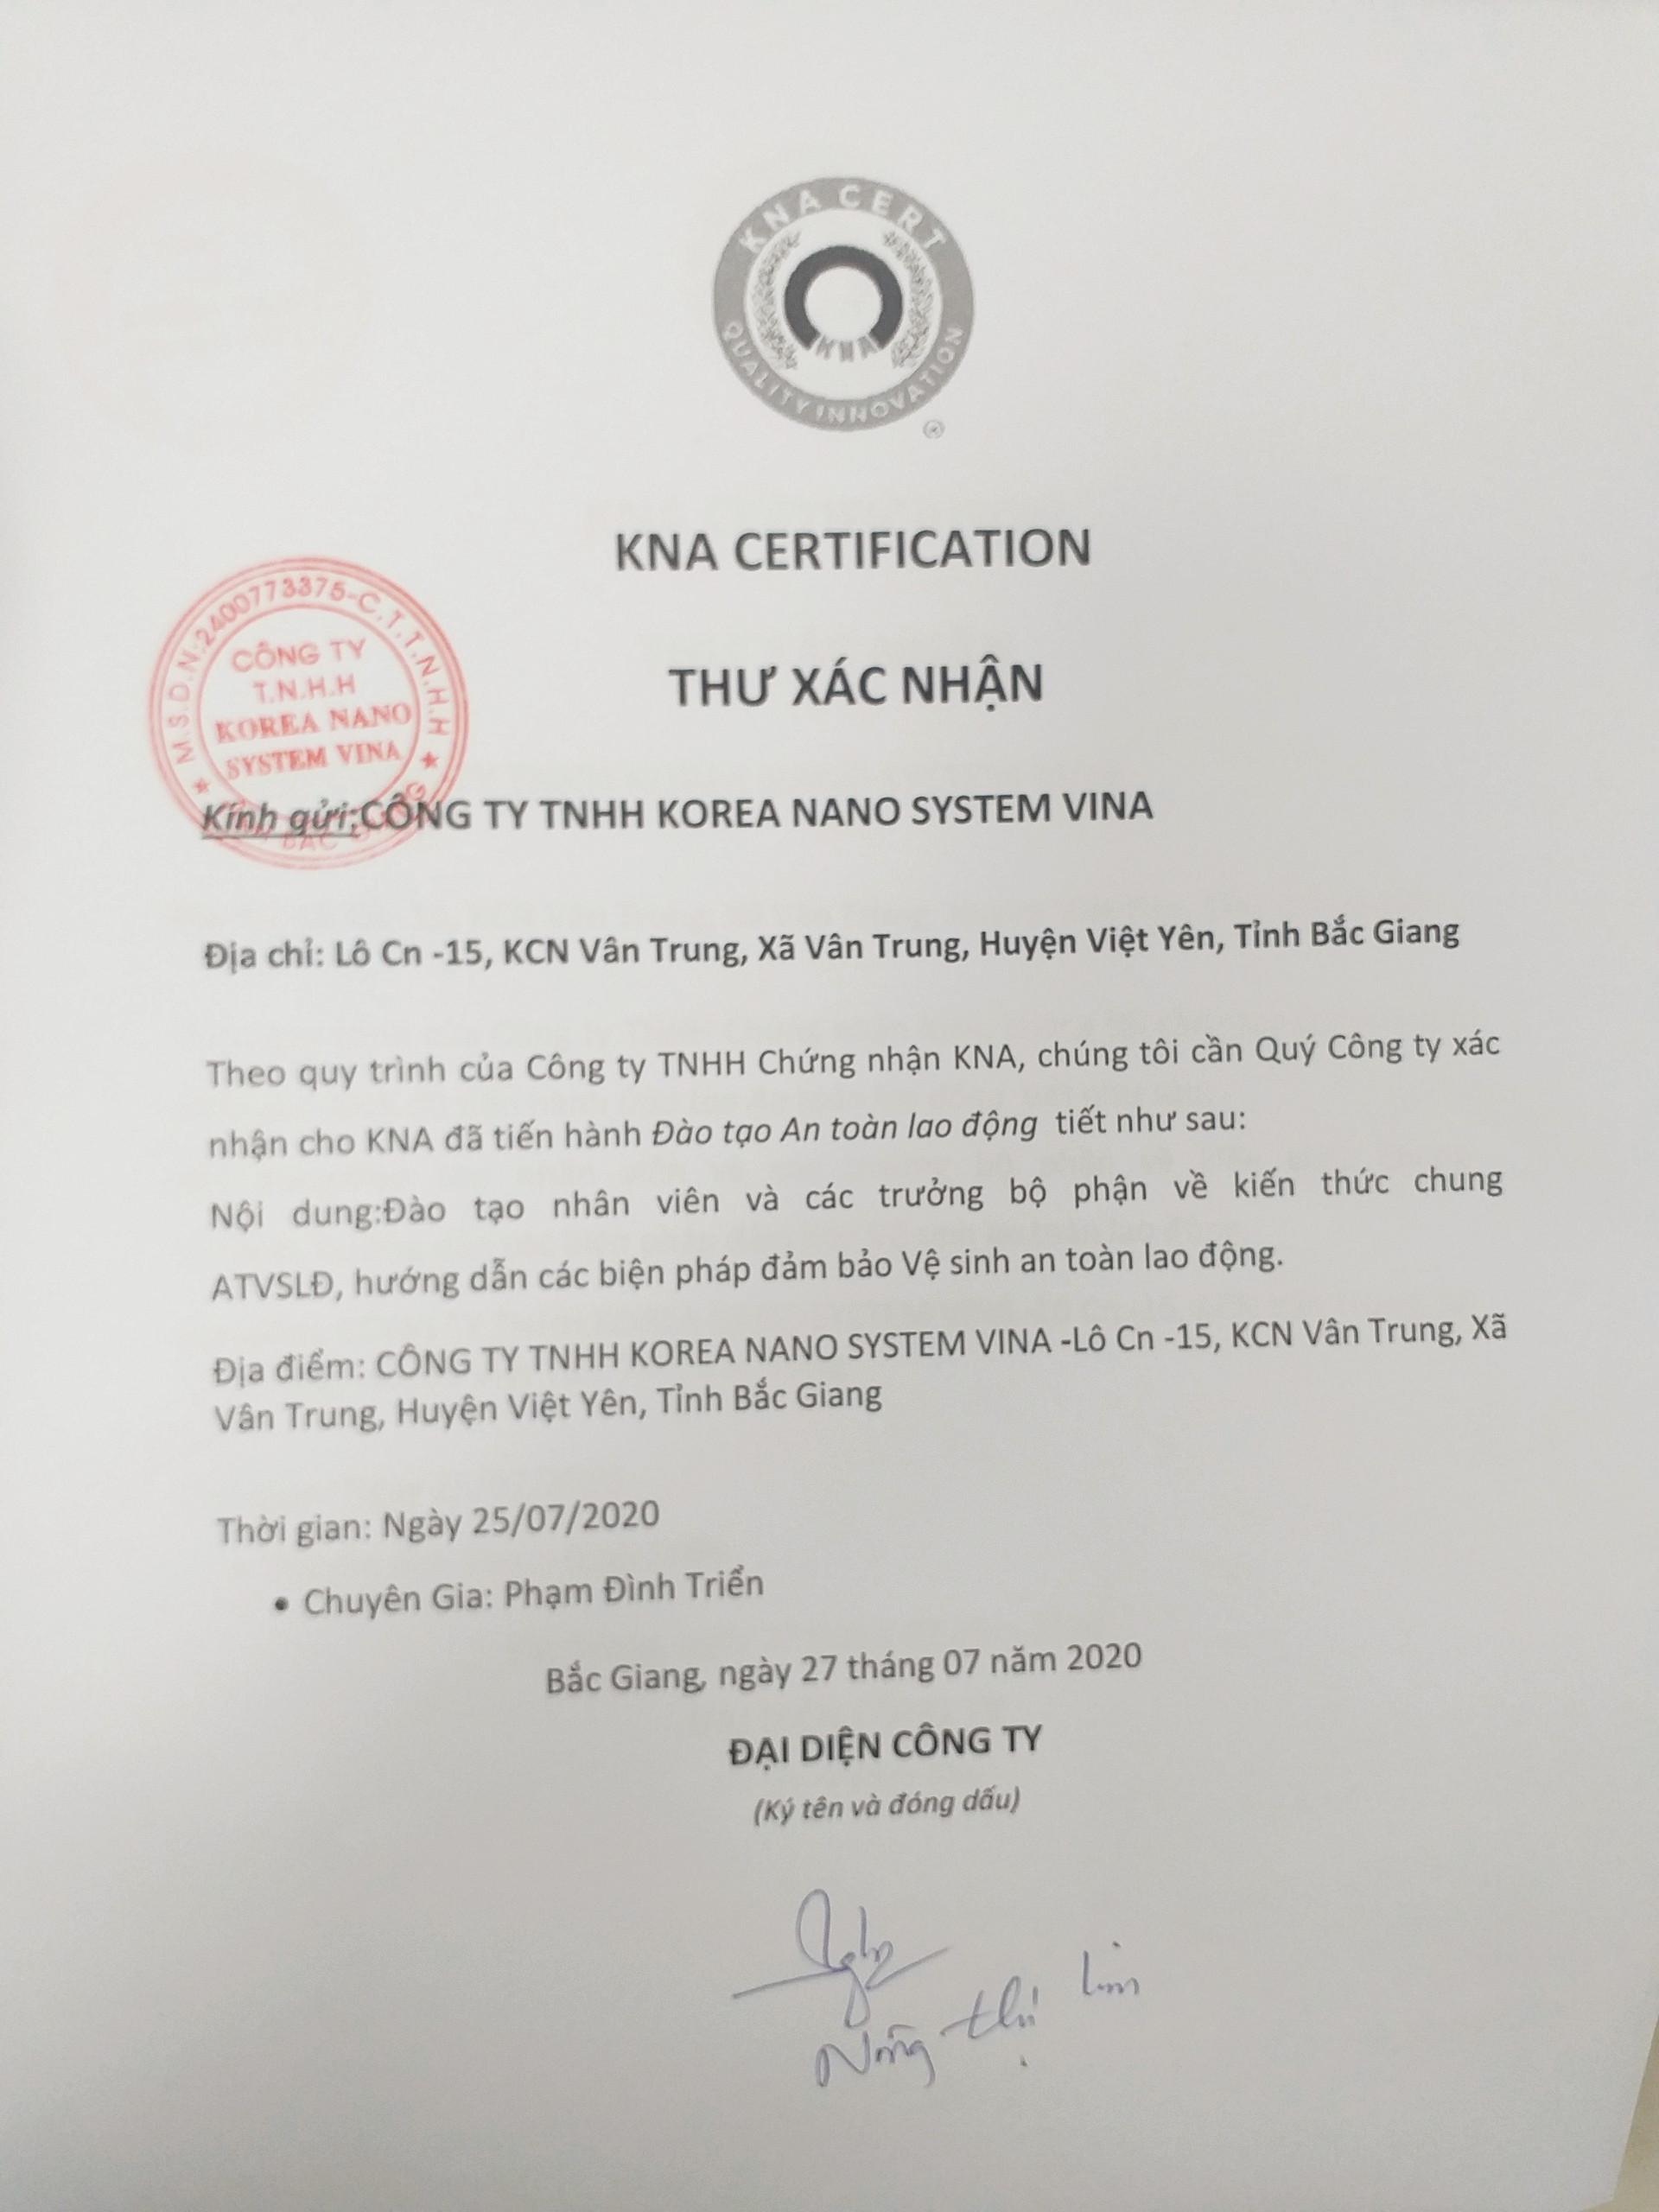 Đào tạo An toàn Lao động cho Công ty TNHH Korea Nano System Vina